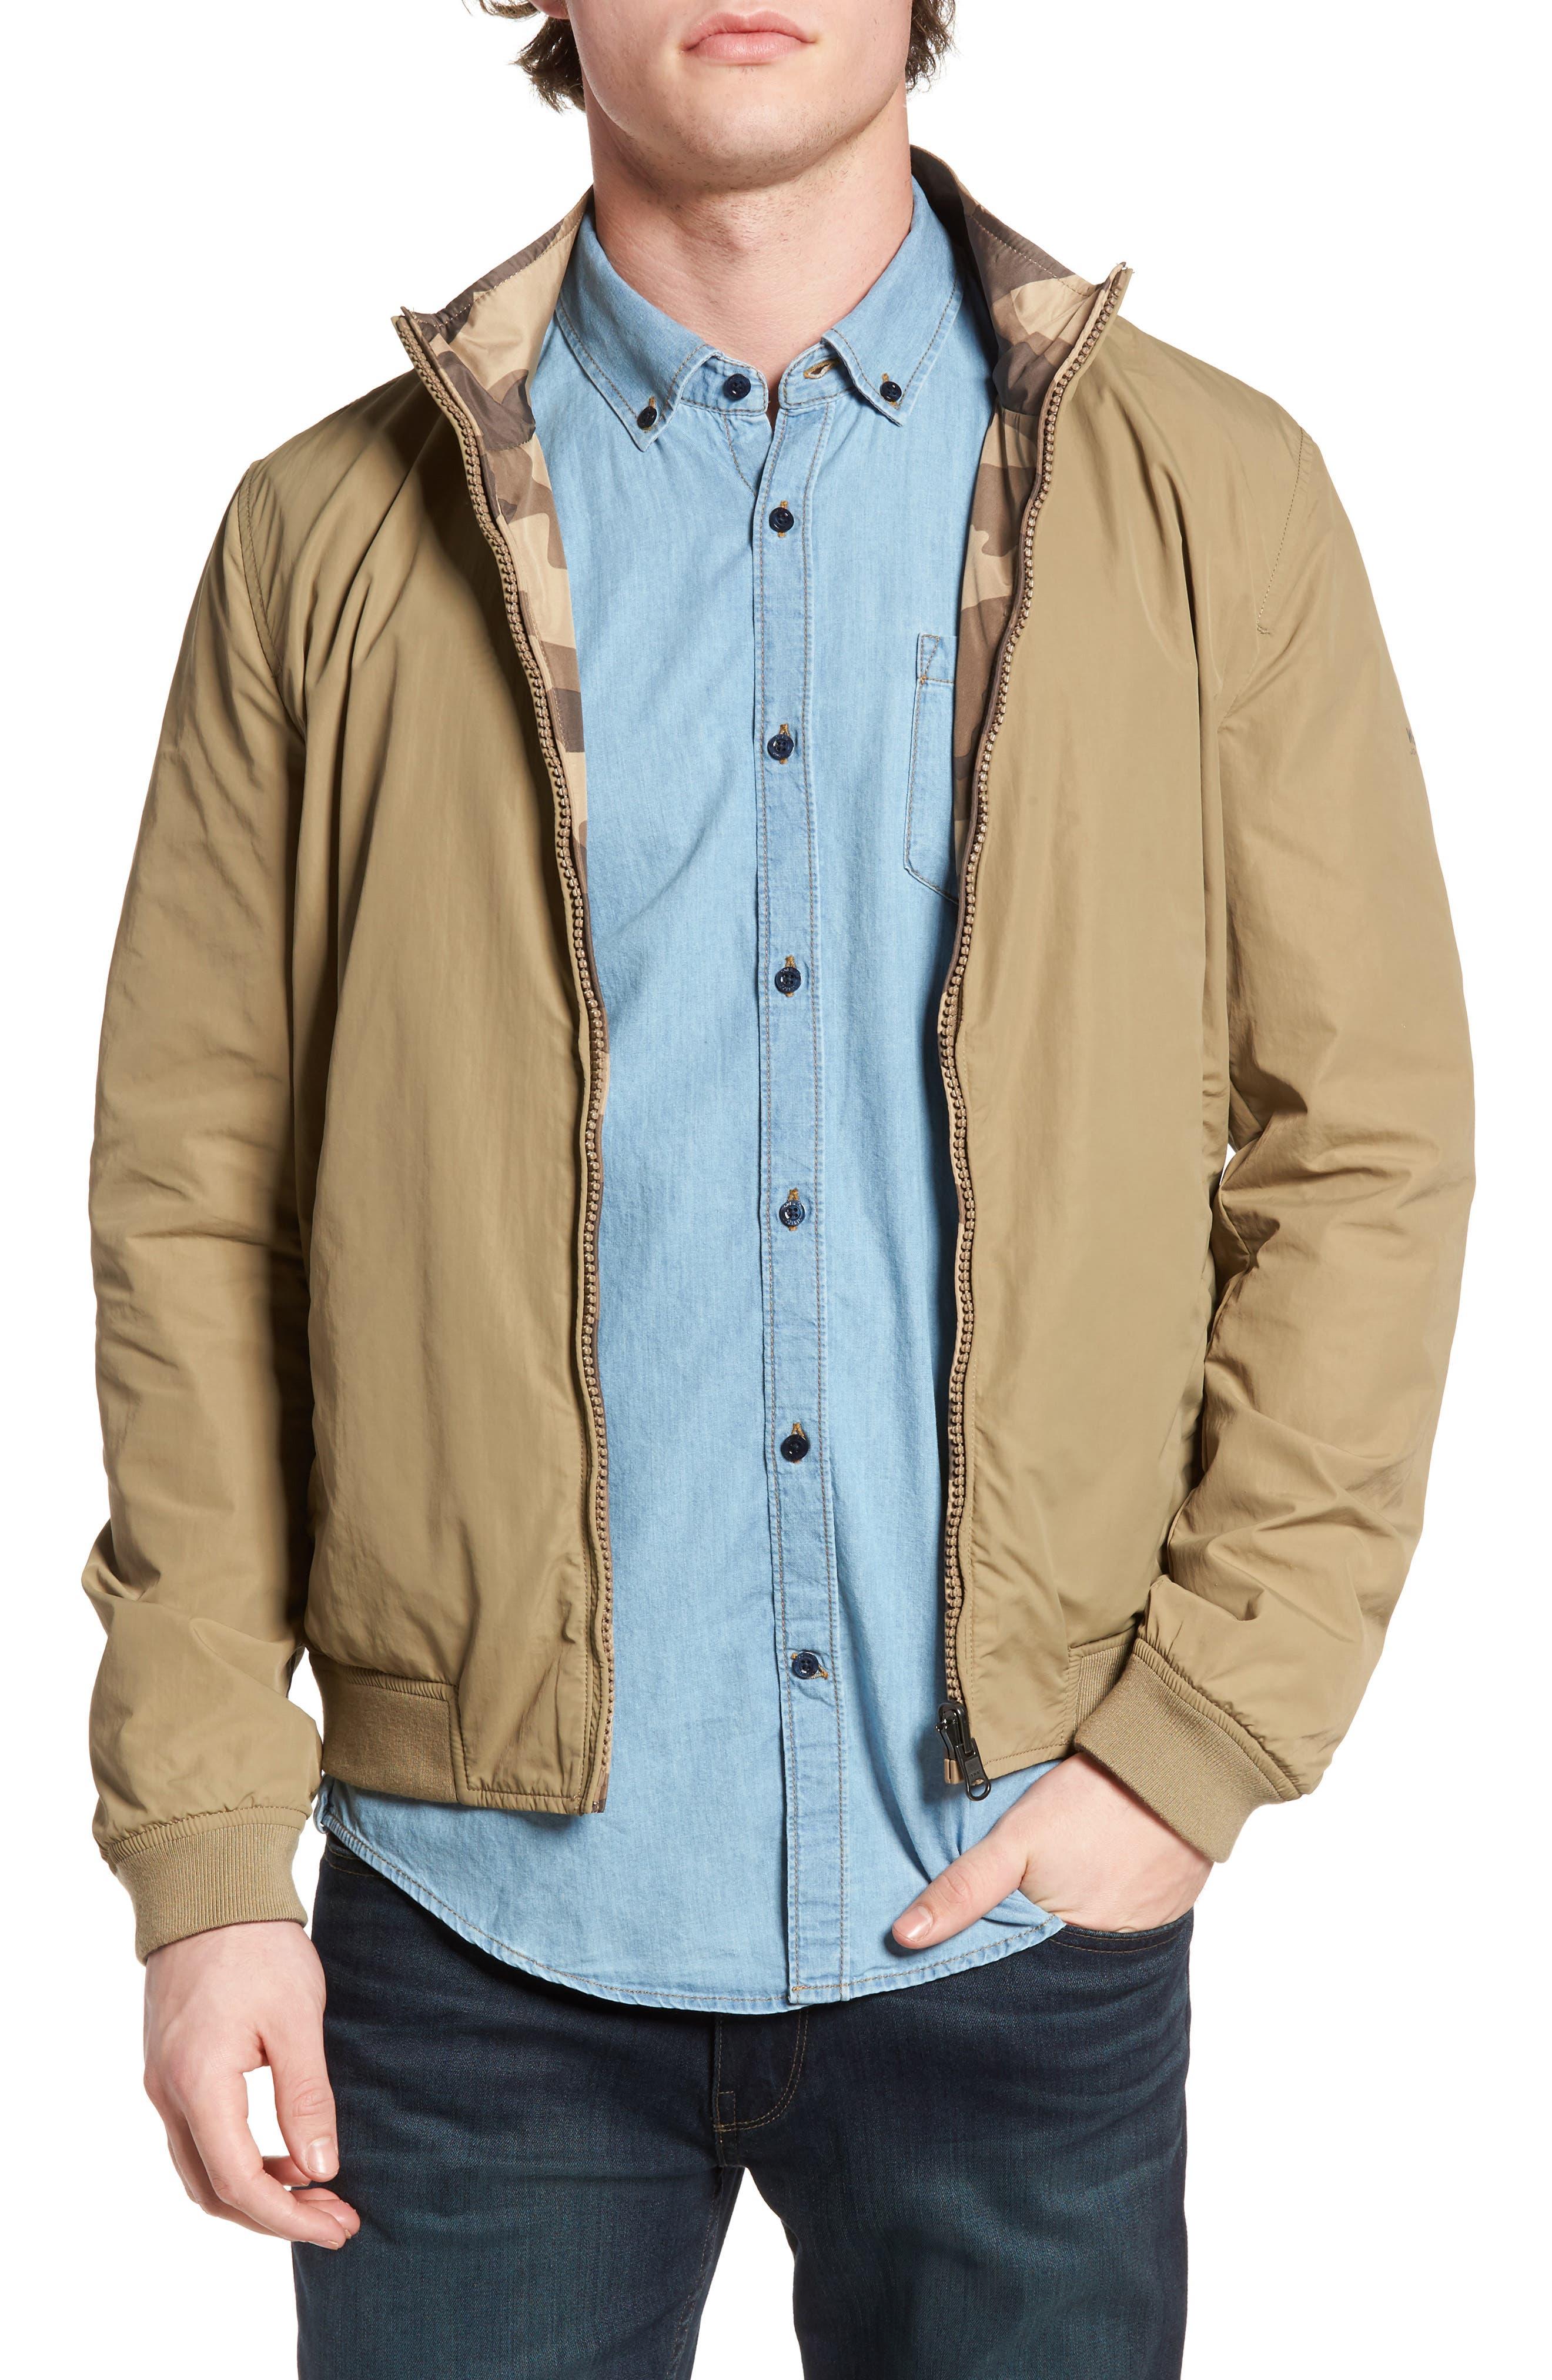 Woolrich John Rich Reversible Jacket